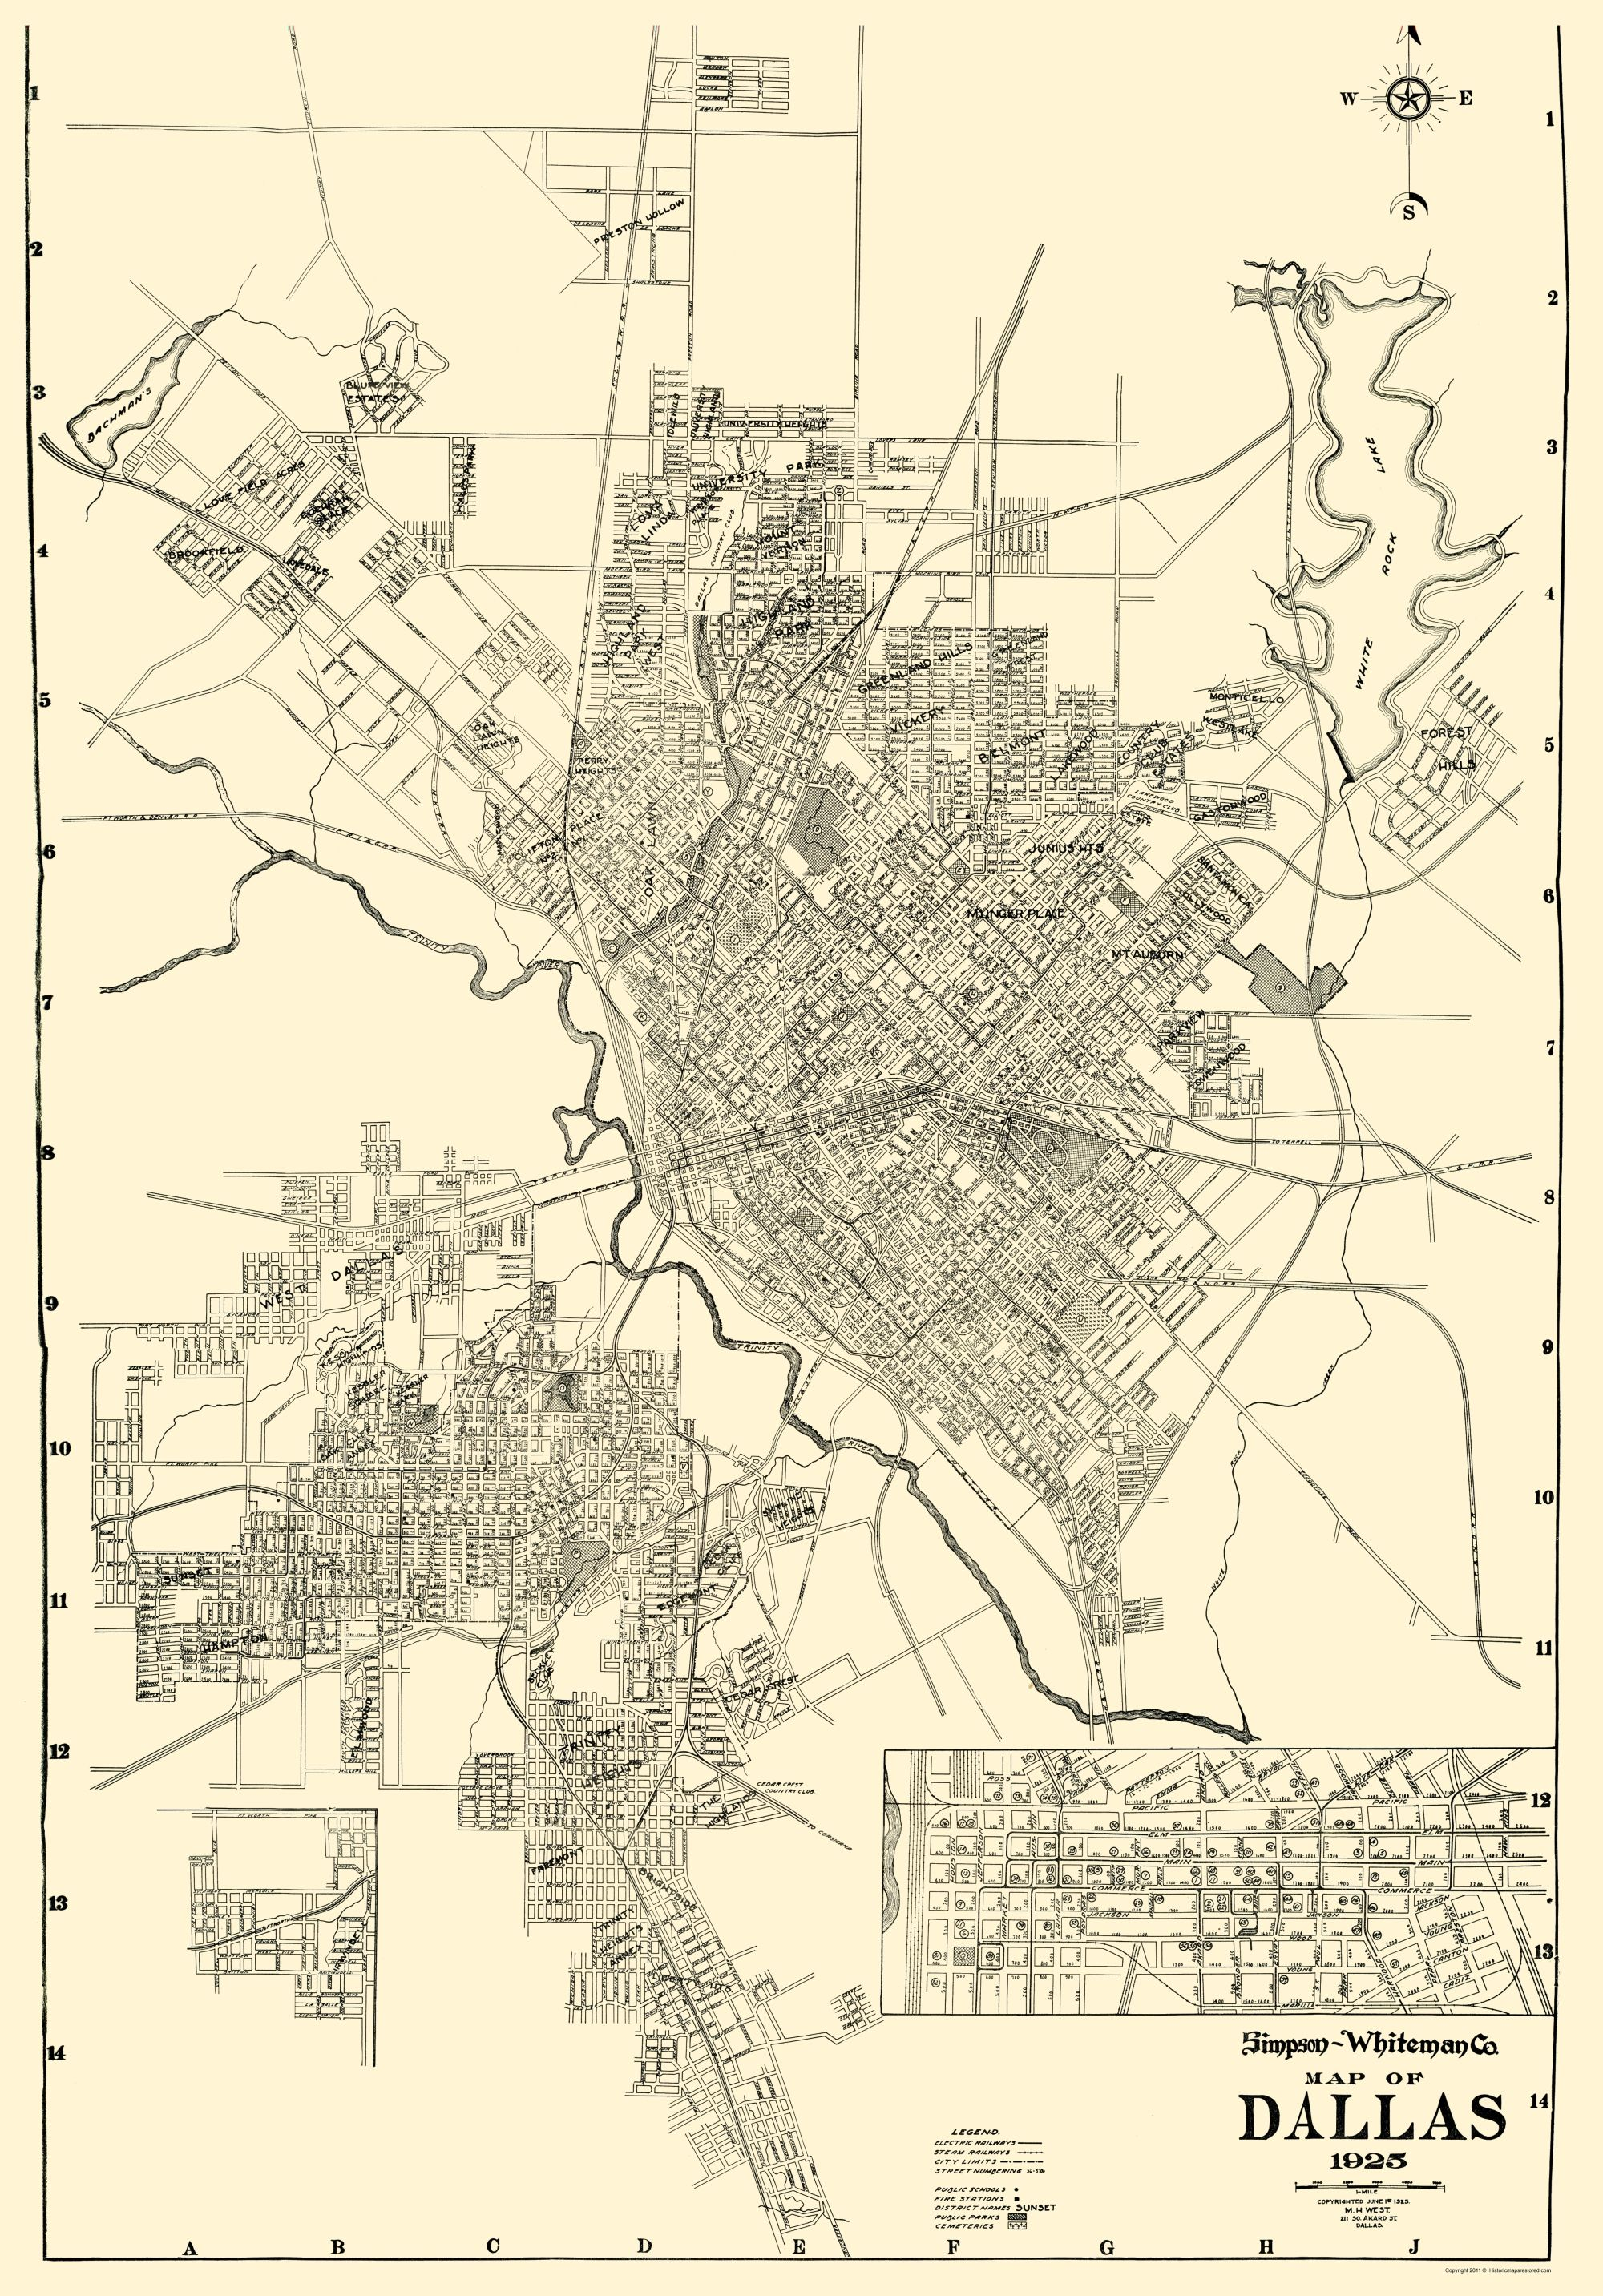 Dallas Texas - West 1925 - 23 x 32.95   Dallas texas, Dallas ... on plano texas map, mckinney texas map, alpine texas map, florida map, san diego map, irving texas map, highland village texas map, denton texas map, frisco texas map, north texas map, little elm texas map, oak cliff texas map, cleburne texas map, dallas tx, usa map, roanoke texas map, chicago map, oklahoma texas map, houston texas map, flagstaff arizona map,